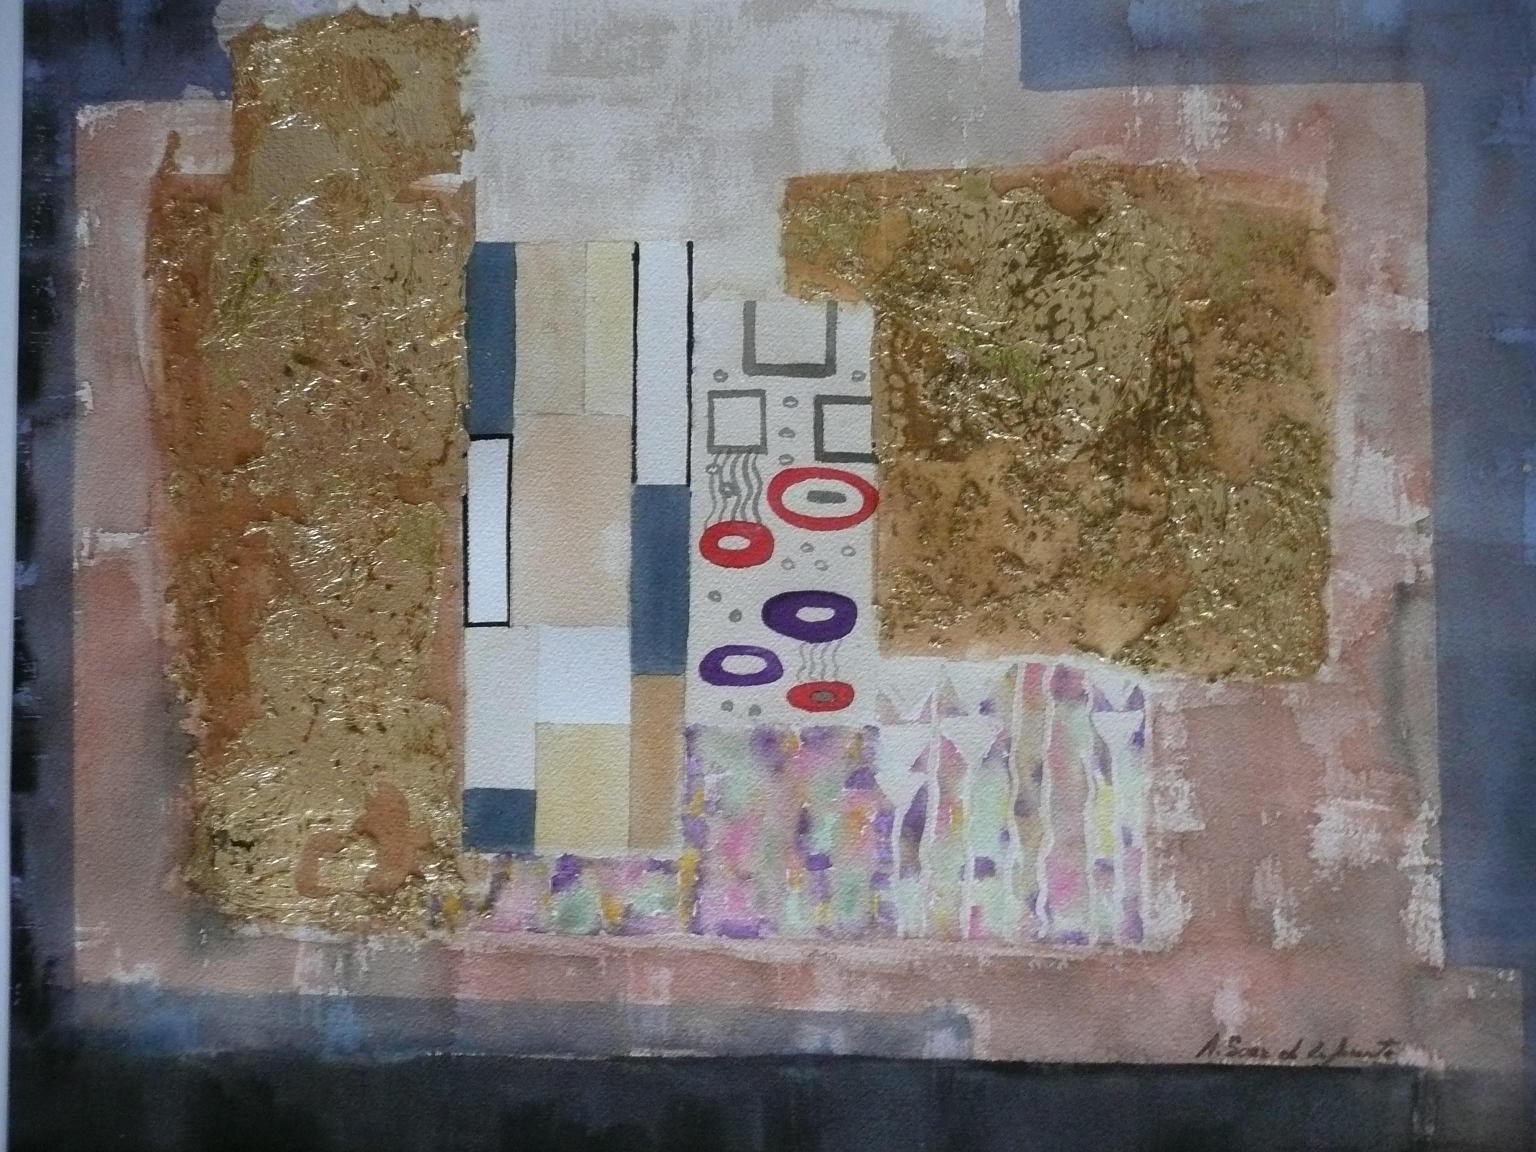 El Vals de Klimt (2012) - Arantzazu Saez de Lafuente Calvo - A. Saez de Lafuente